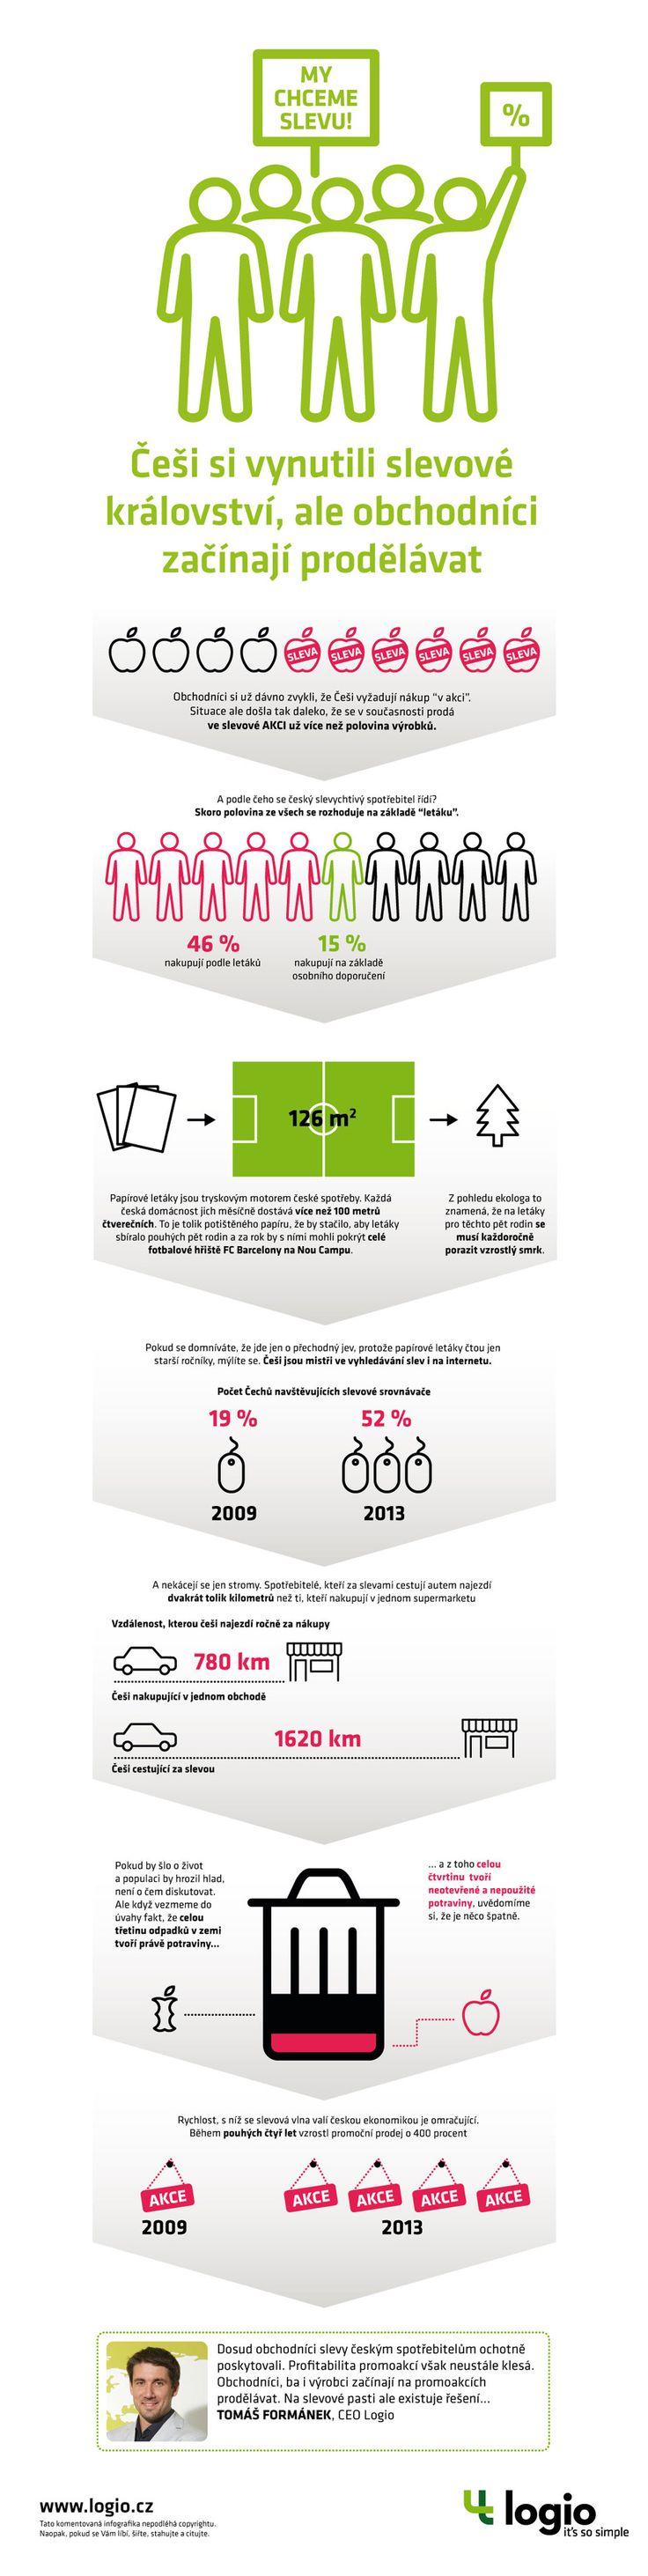 Logio - infografika - Slevová past